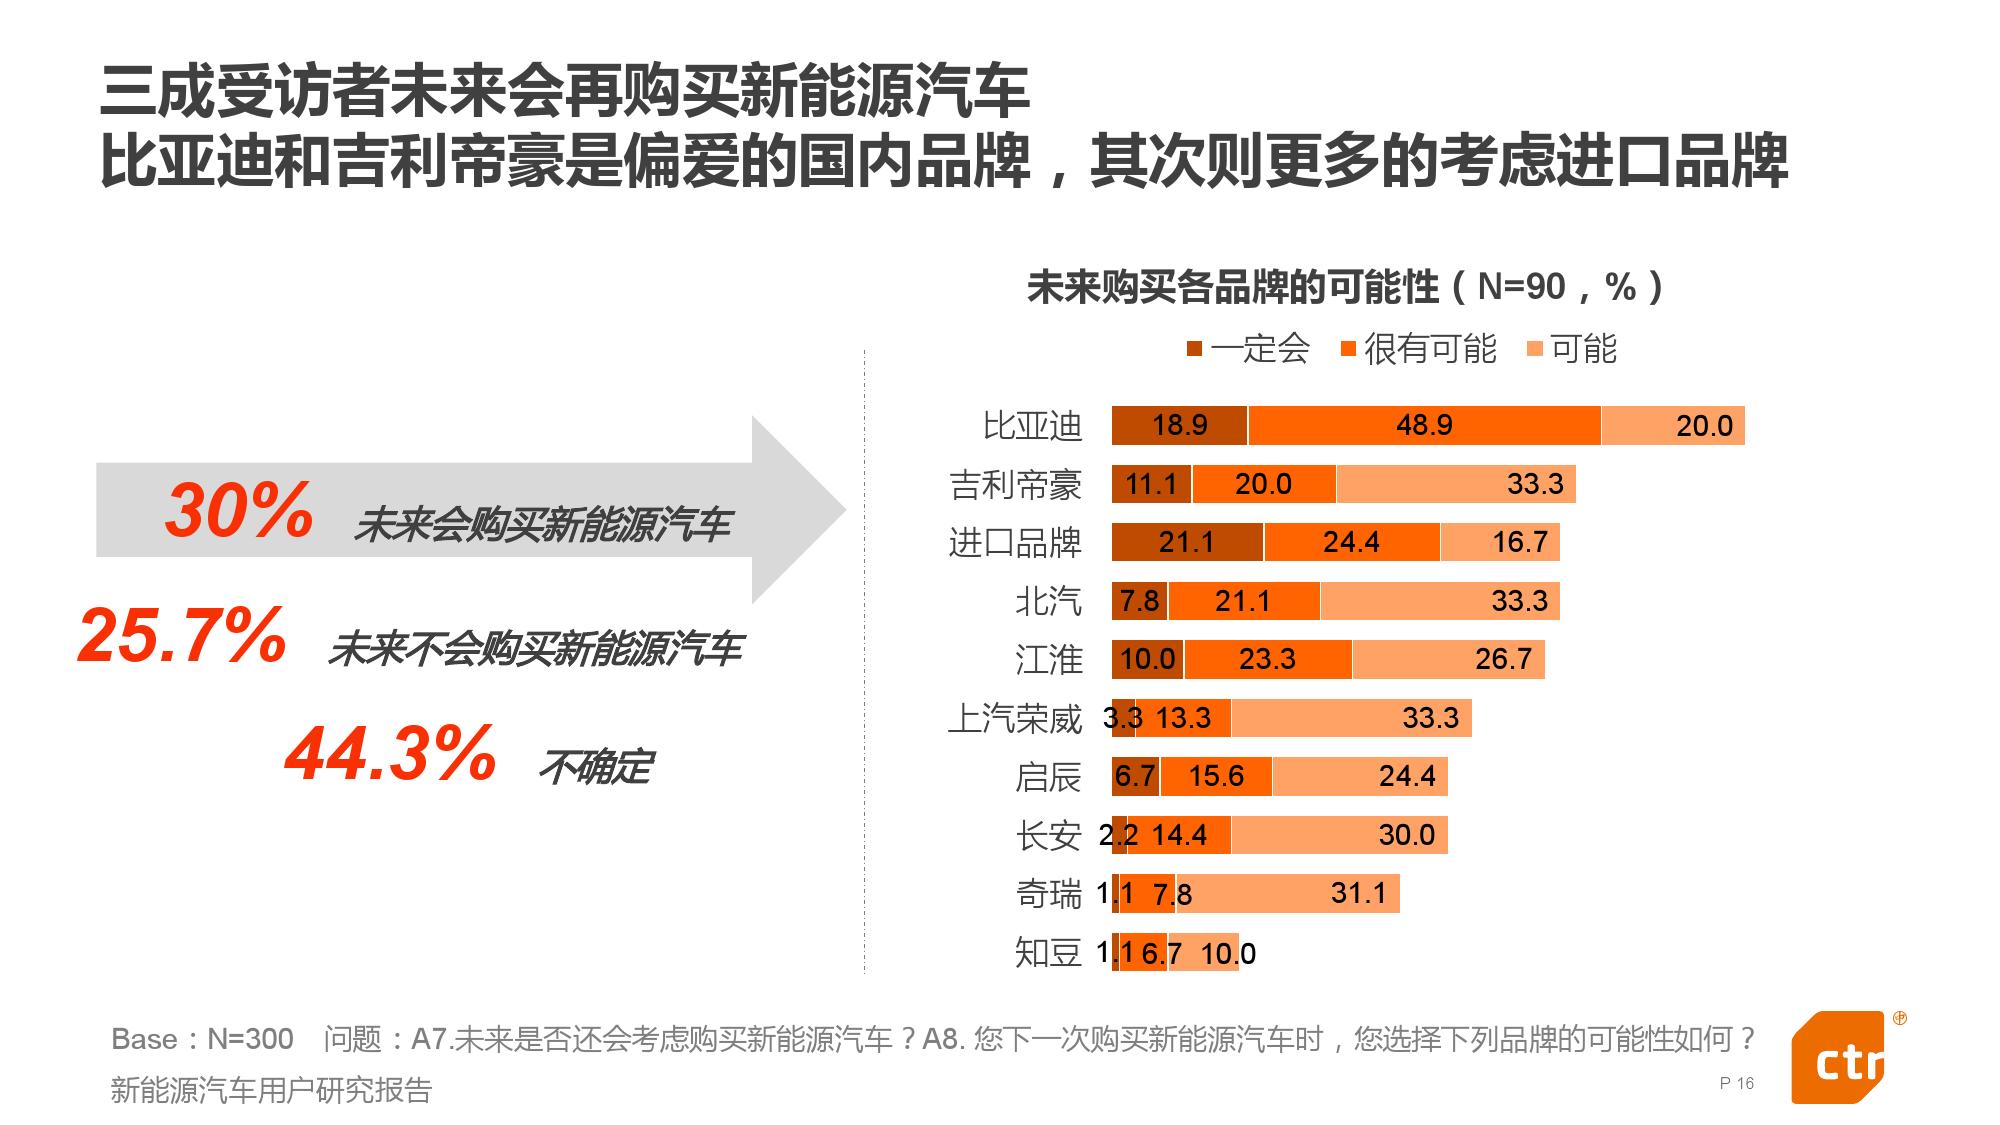 新能源汽车用户研究报告_000016